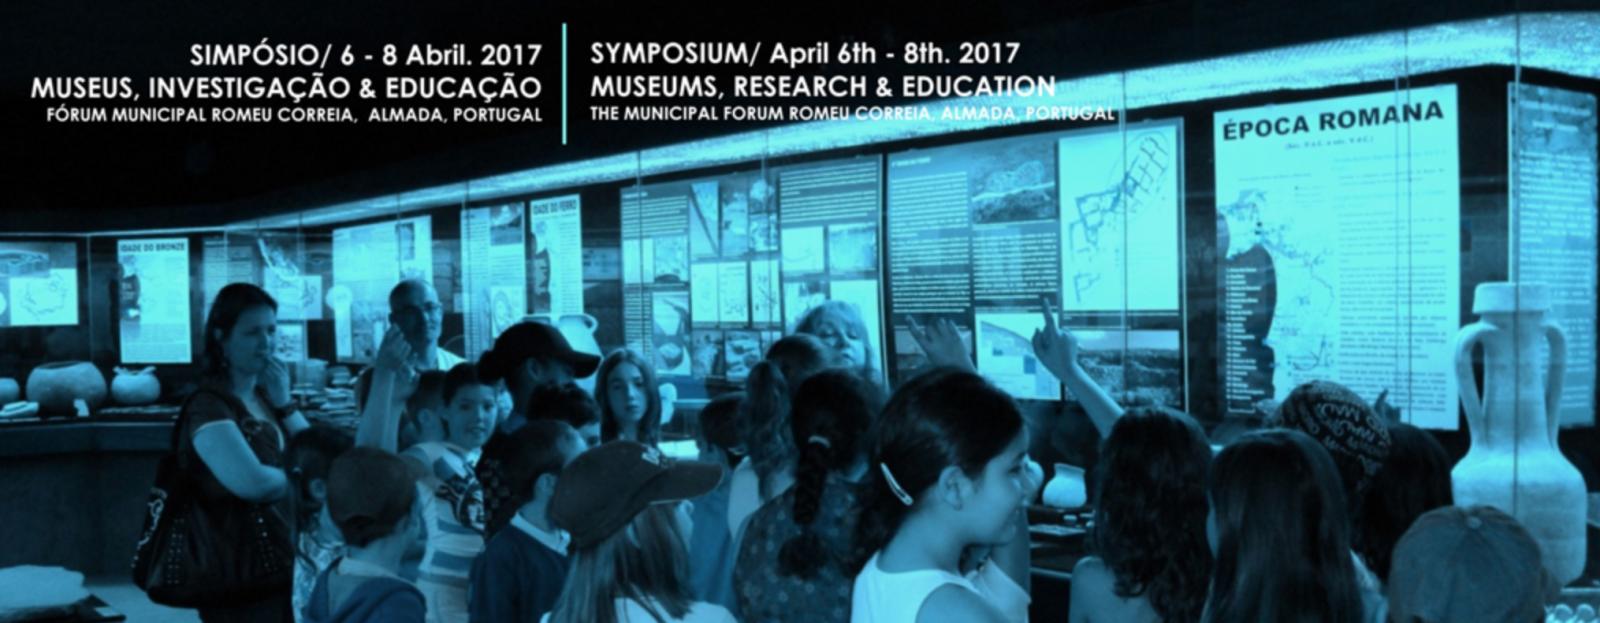 Simpósio - Museus: educação e investigação